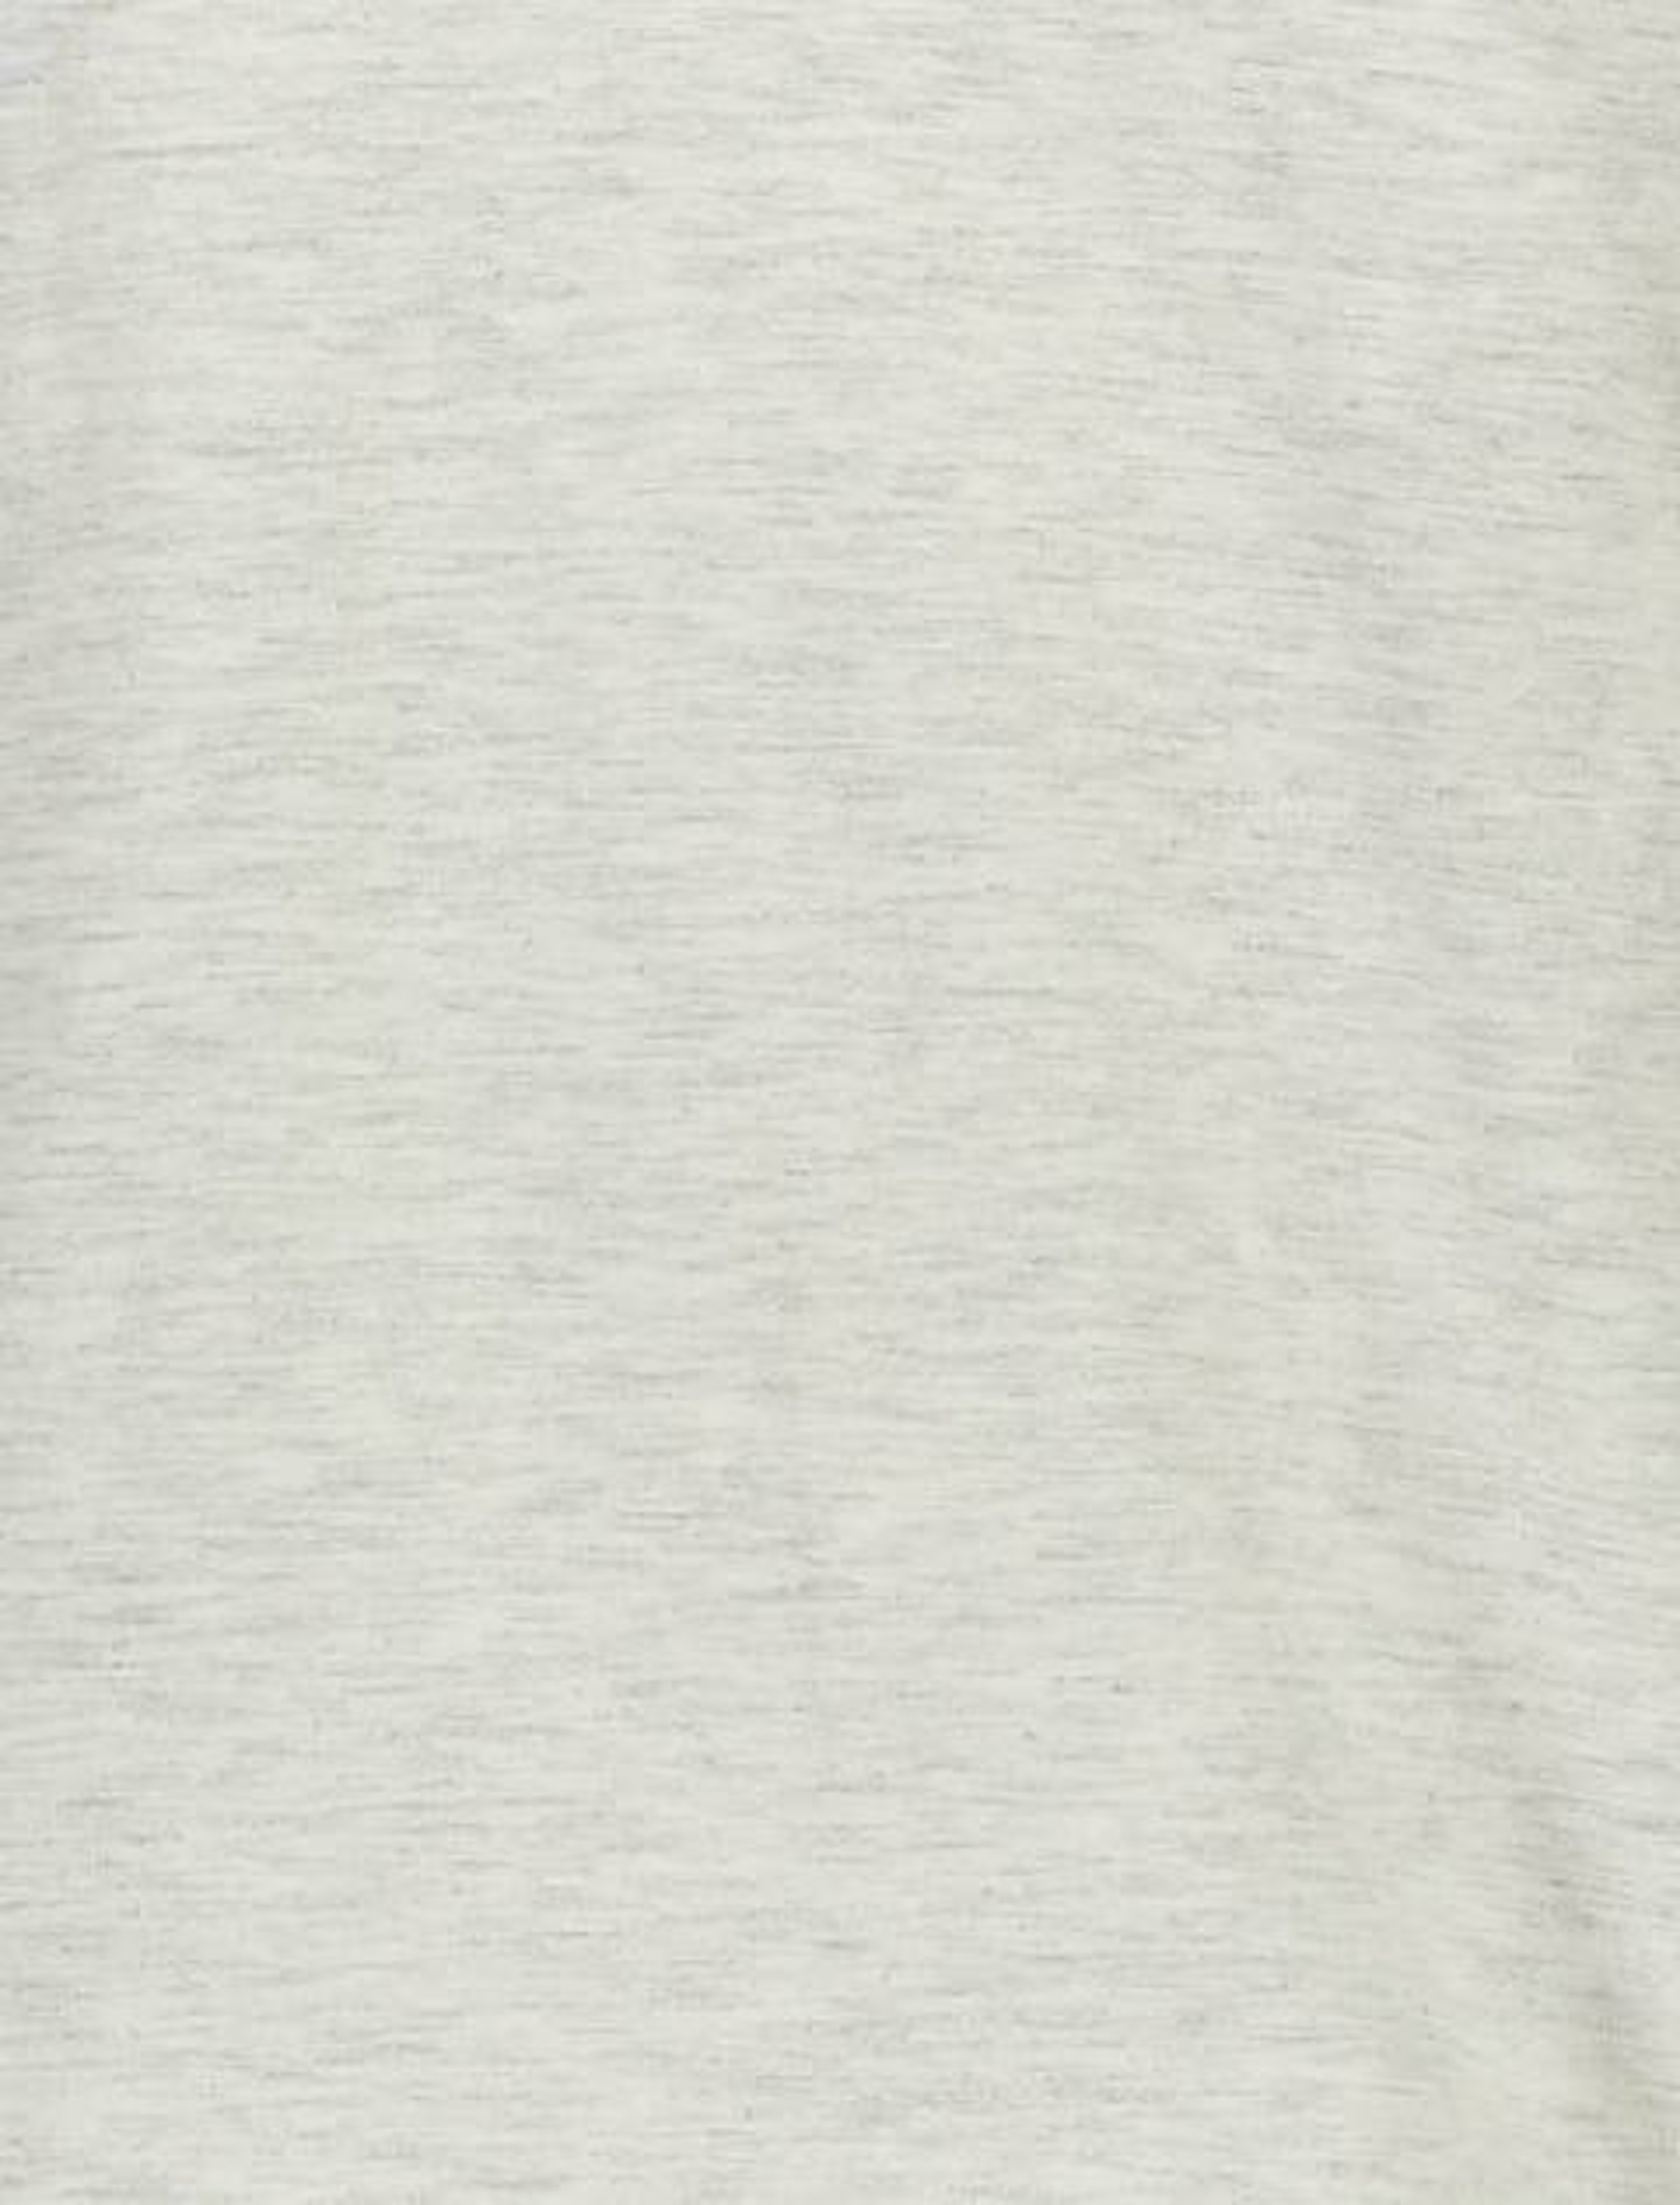 تی شرت نخی یقه هفت مردانه - طوسي - 4